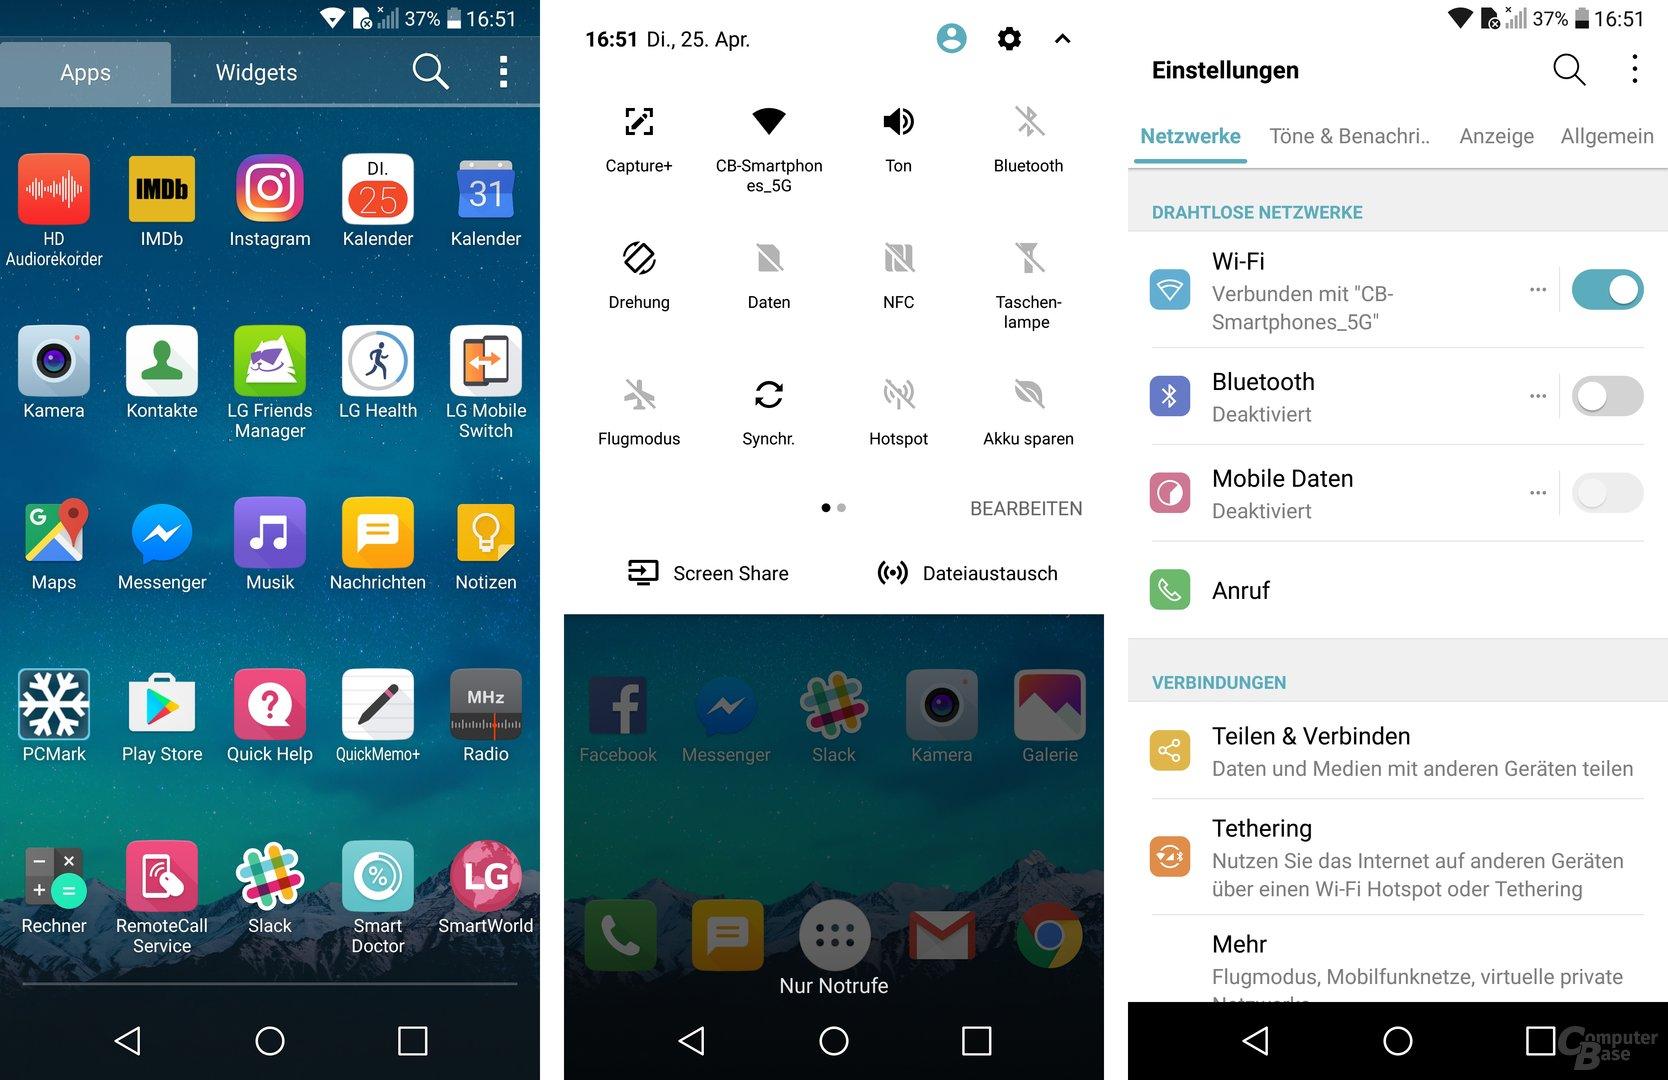 App-Drawer, Schnelleinstellungen und vollwertige Einstellungen des UX 6.0